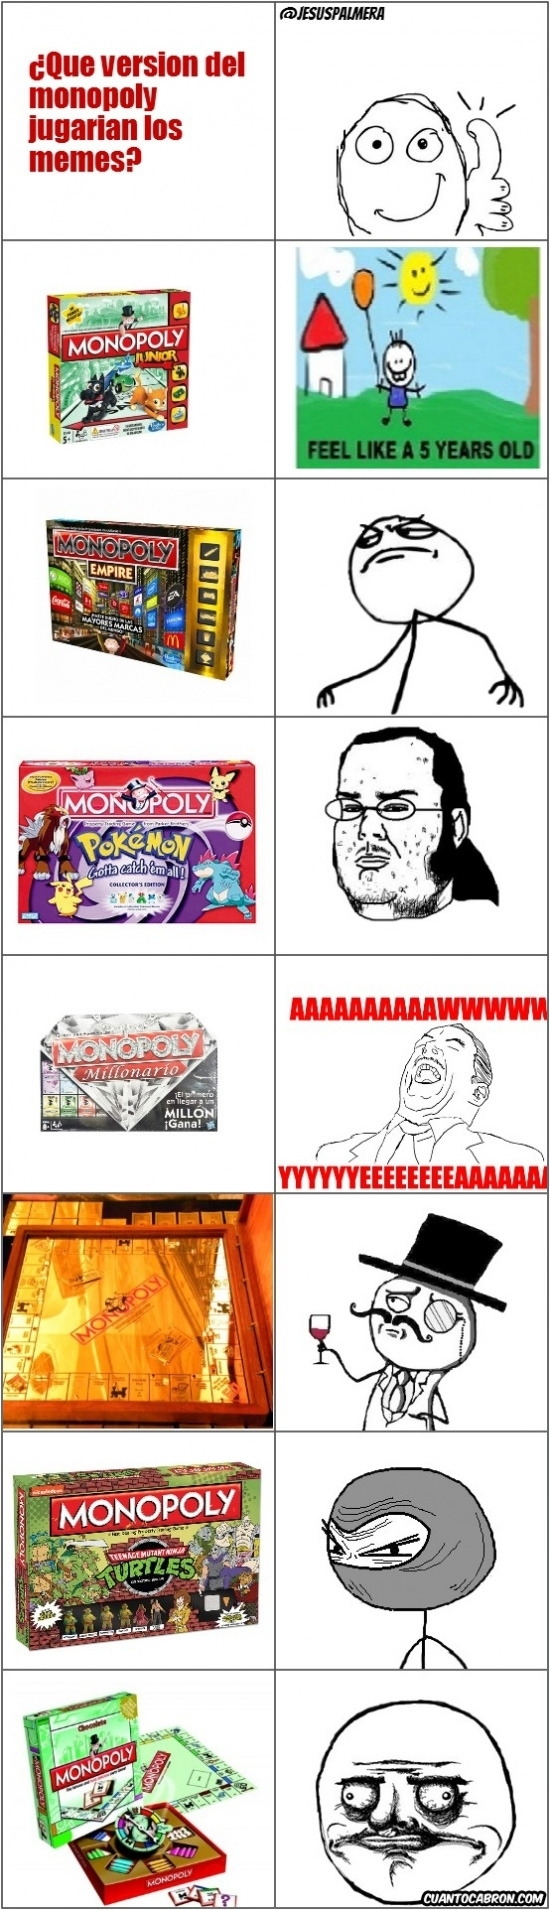 Mix - Los memes y su versión del Monopoly